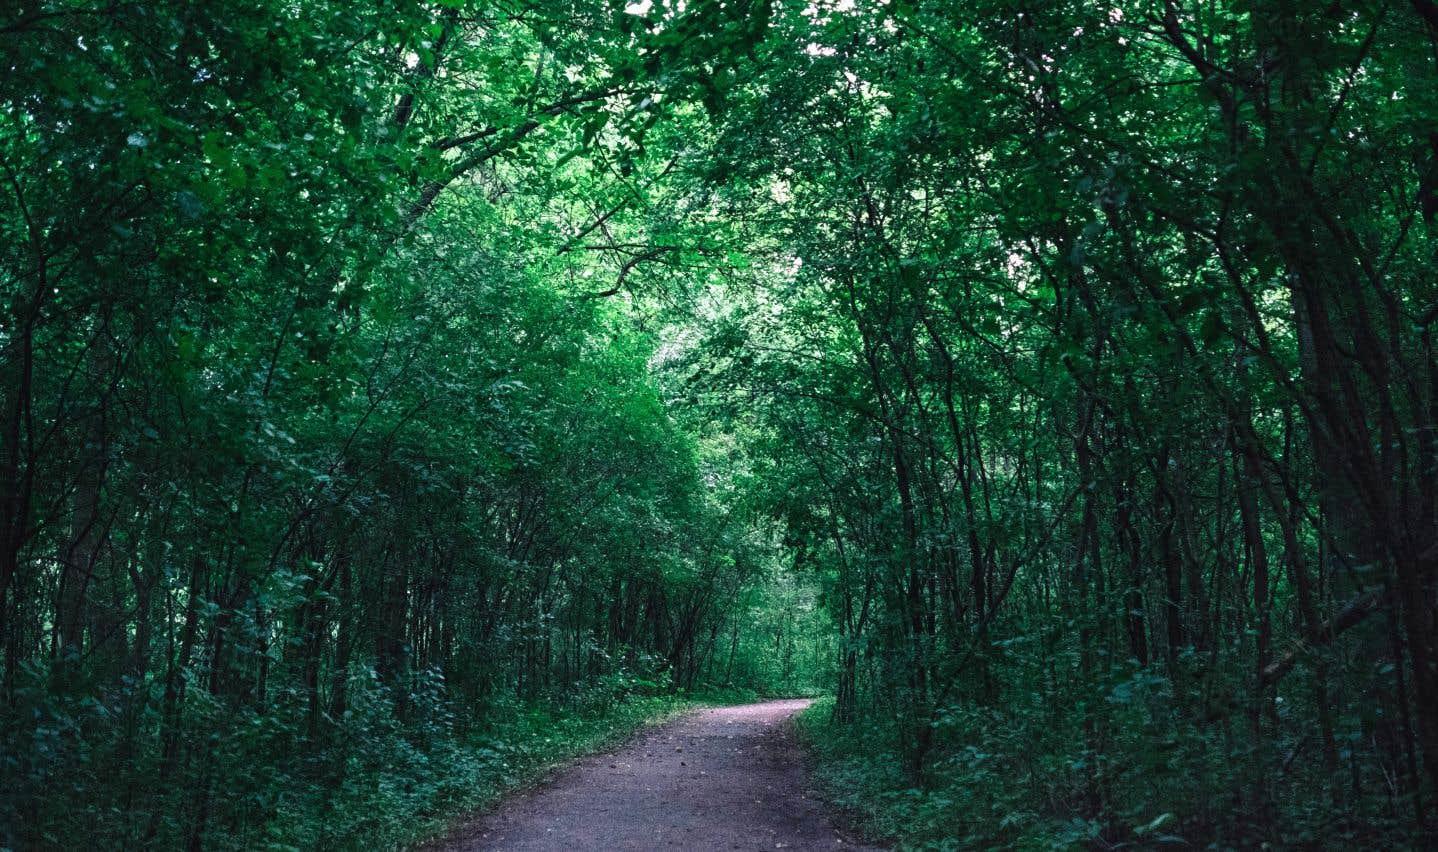 Entre 1985 et 2010, plus de deux millions d'arbres ont été plantés dans les forêts gérées par Solifor Perthuis, dans la région de Portneuf, afin de renouveler la forêt qui s'était dégradée et d'aider à absorber du carbone de l'atmosphère.